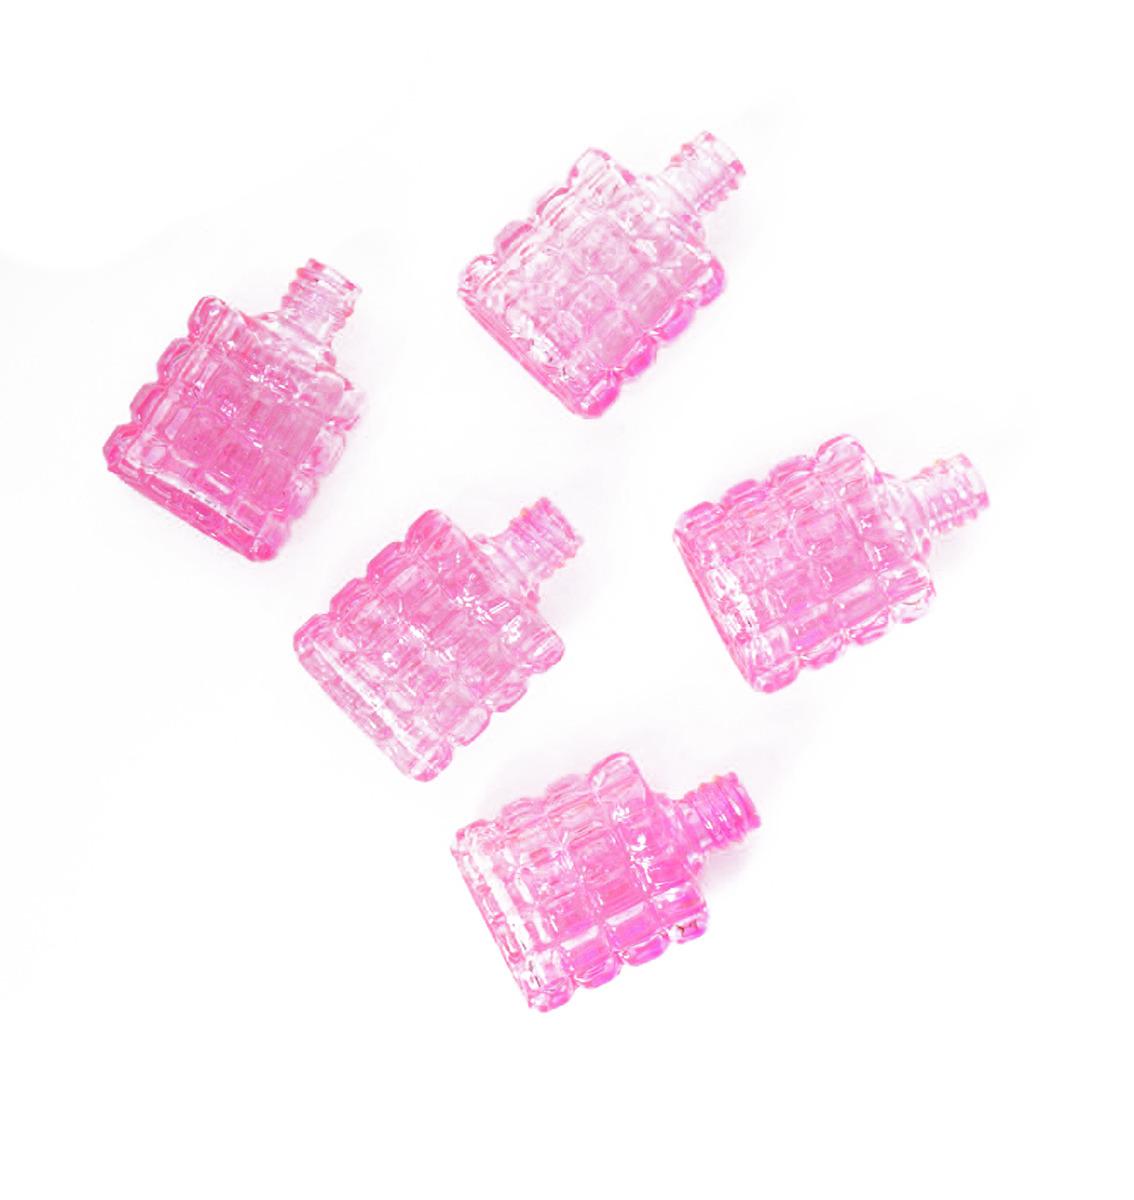 Декоративный наполнитель Evis Адам, 4048610, розовый, 30 шт стоимость